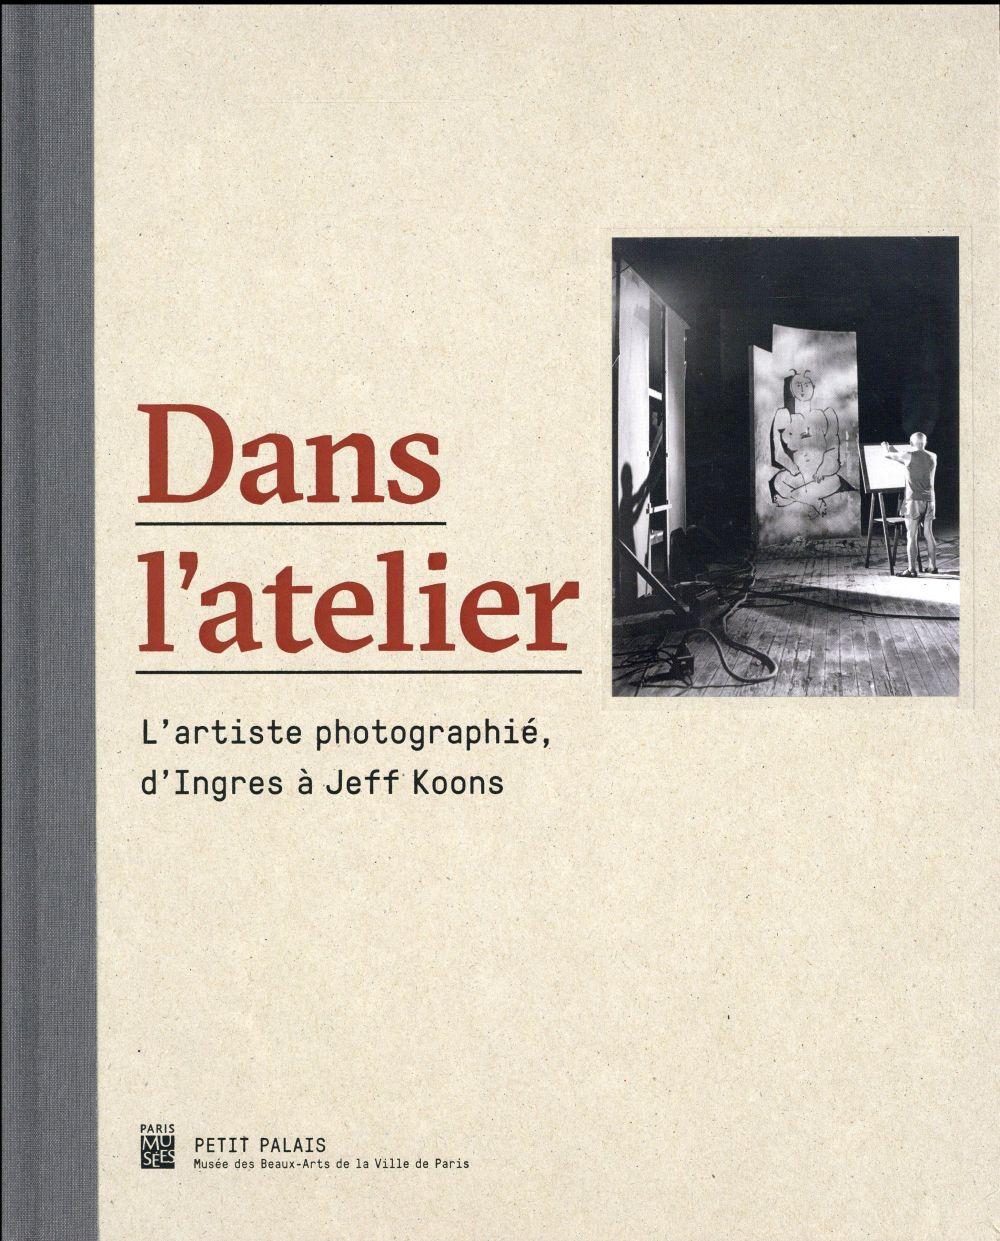 DANS L'ATELIER L'ARTISTE PHOTOGRAPHIE, D'INGRES A JEFF KOONS